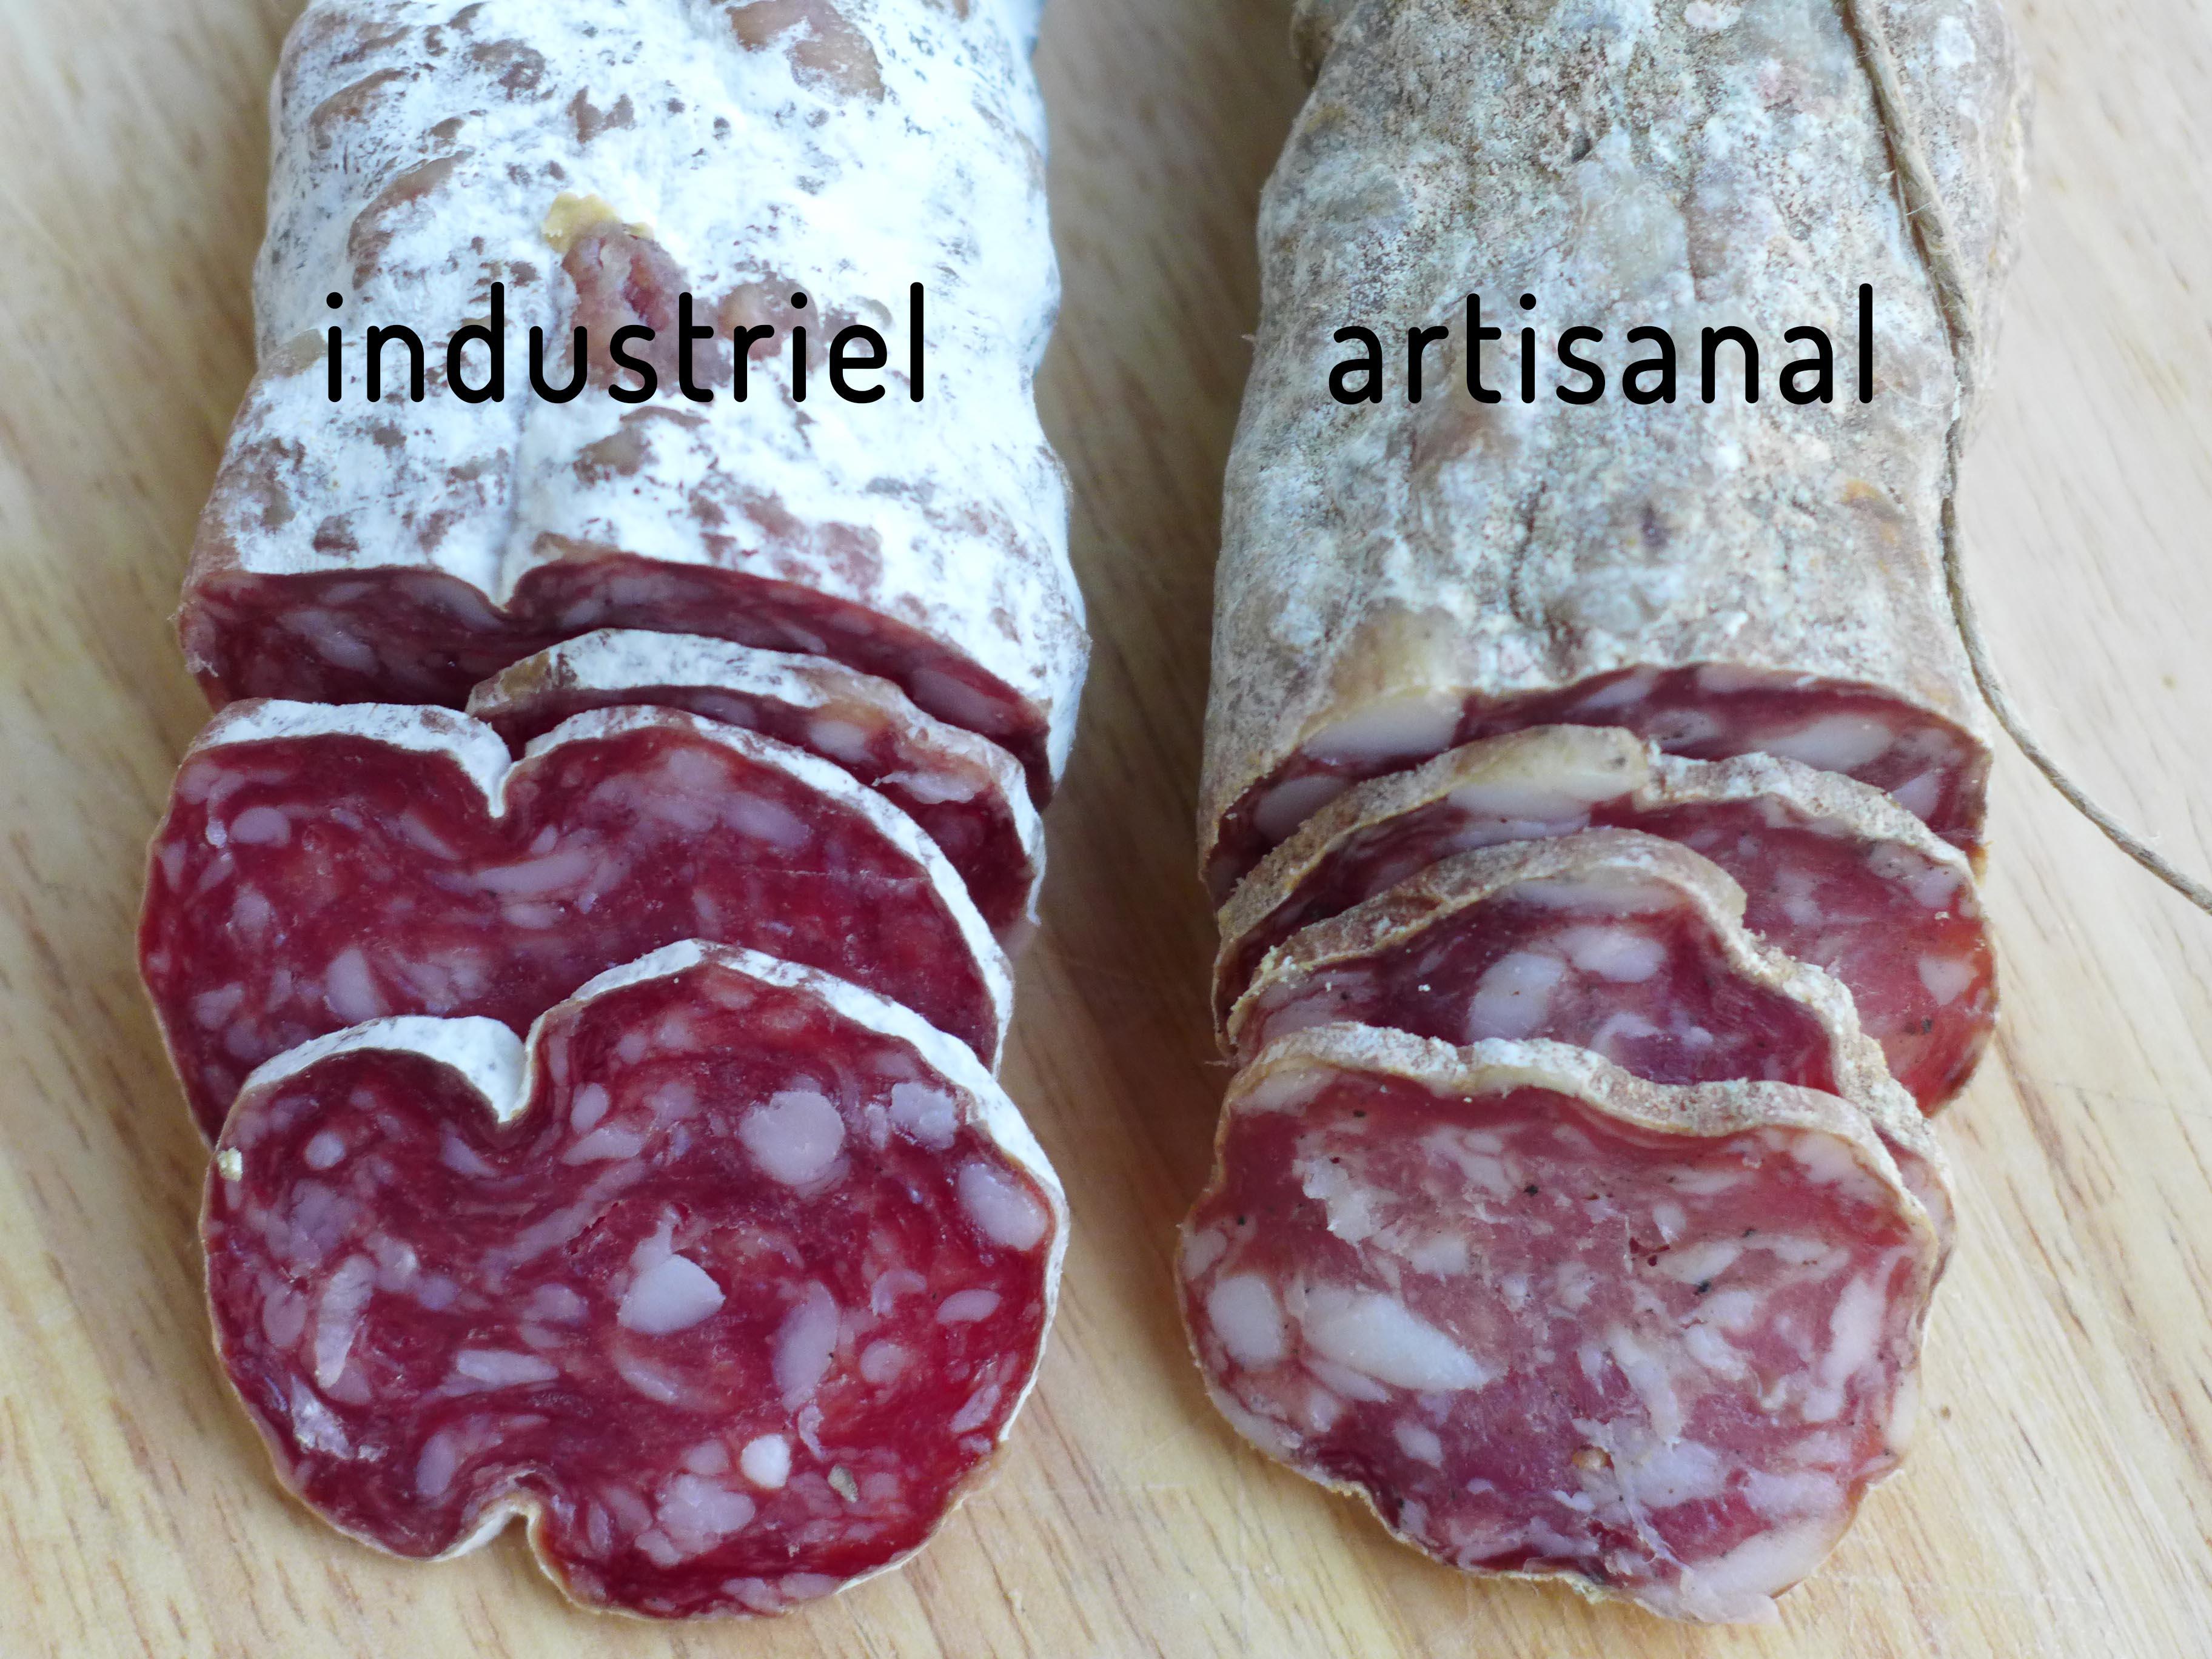 Saucisson entier artisanal et industriel